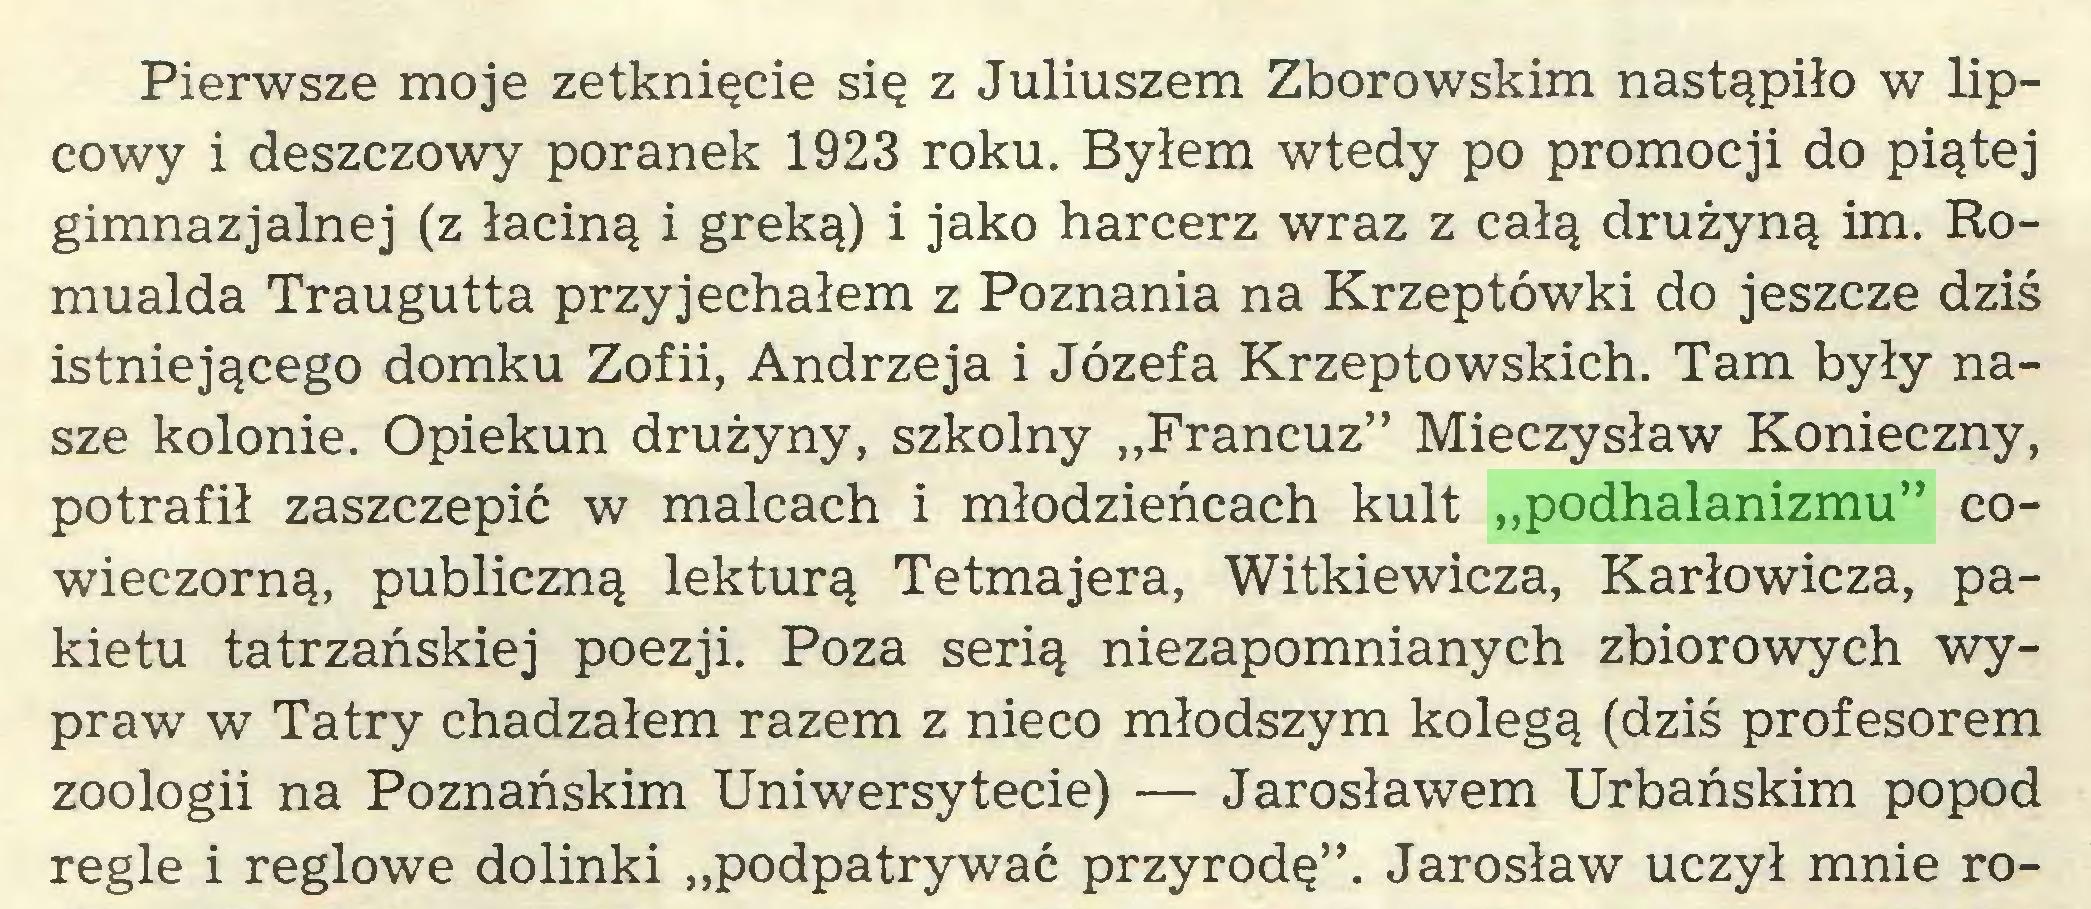 """(...) Pierwsze moje zetknięcie się z Juliuszem Zborowskim nastąpiło w lipcowy i deszczowy poranek 1923 roku. Byłem wtedy po promocji do piątej gimnazjalnej (z łaciną i greką) i jako harcerz wraz z całą drużyną im. Romualda Traugutta przyjechałem z Poznania na Krzeptówki do jeszcze dziś istniejącego domku Zofii, Andrzeja i Józefa Krzeptowskich. Tam były nasze kolonie. Opiekun drużyny, szkolny """"Francuz"""" Mieczysław Konieczny, potrafił zaszczepić w malcach i młodzieńcach kult """"podhalanizmu"""" cowieczorną, publiczną lekturą Tetmajera, Witkiewicza, Karłowicza, pakietu tatrzańskiej poezji. Poza serią niezapomnianych zbiorowych wypraw w Tatry chadzałem razem z nieco młodszym kolegą (dziś profesorem zoologii na Poznańskim Uniwersytecie) — Jarosławem Urbańskim popod regle i reglowe dolinki """"podpatrywać przyrodę"""". Jarosław uczył mnie ro..."""